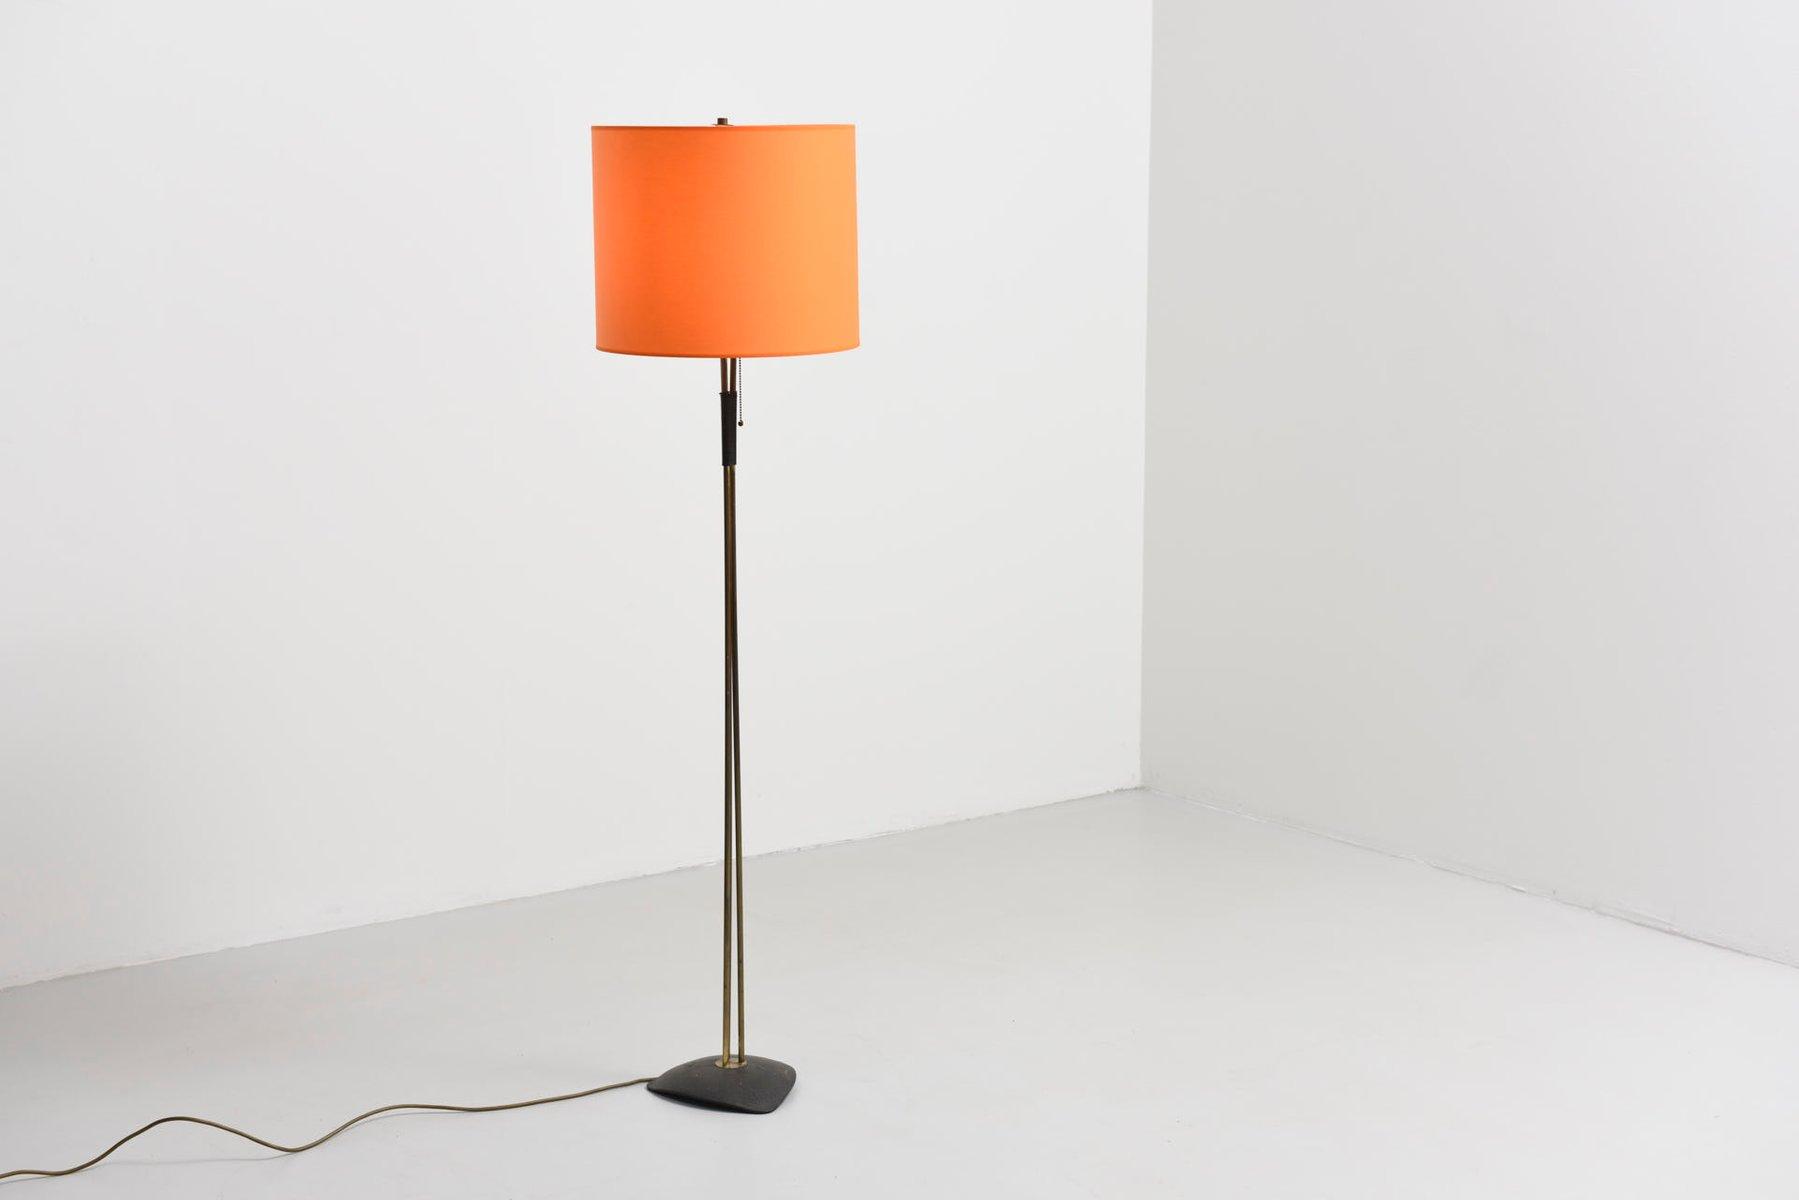 Faszinierend Stehlampe Mit Schirm Galerie Von Messing Orangenfarbenem Schirm, 1950er